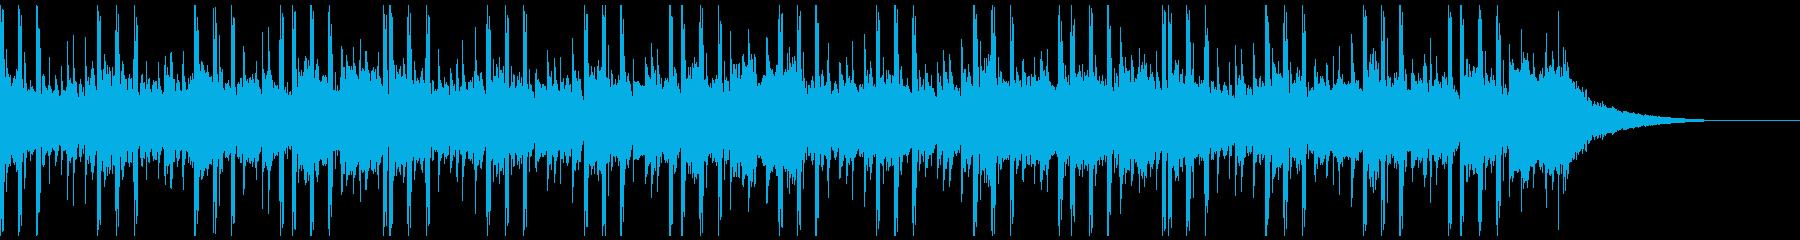 インスピレーション技術(ショート1)の再生済みの波形